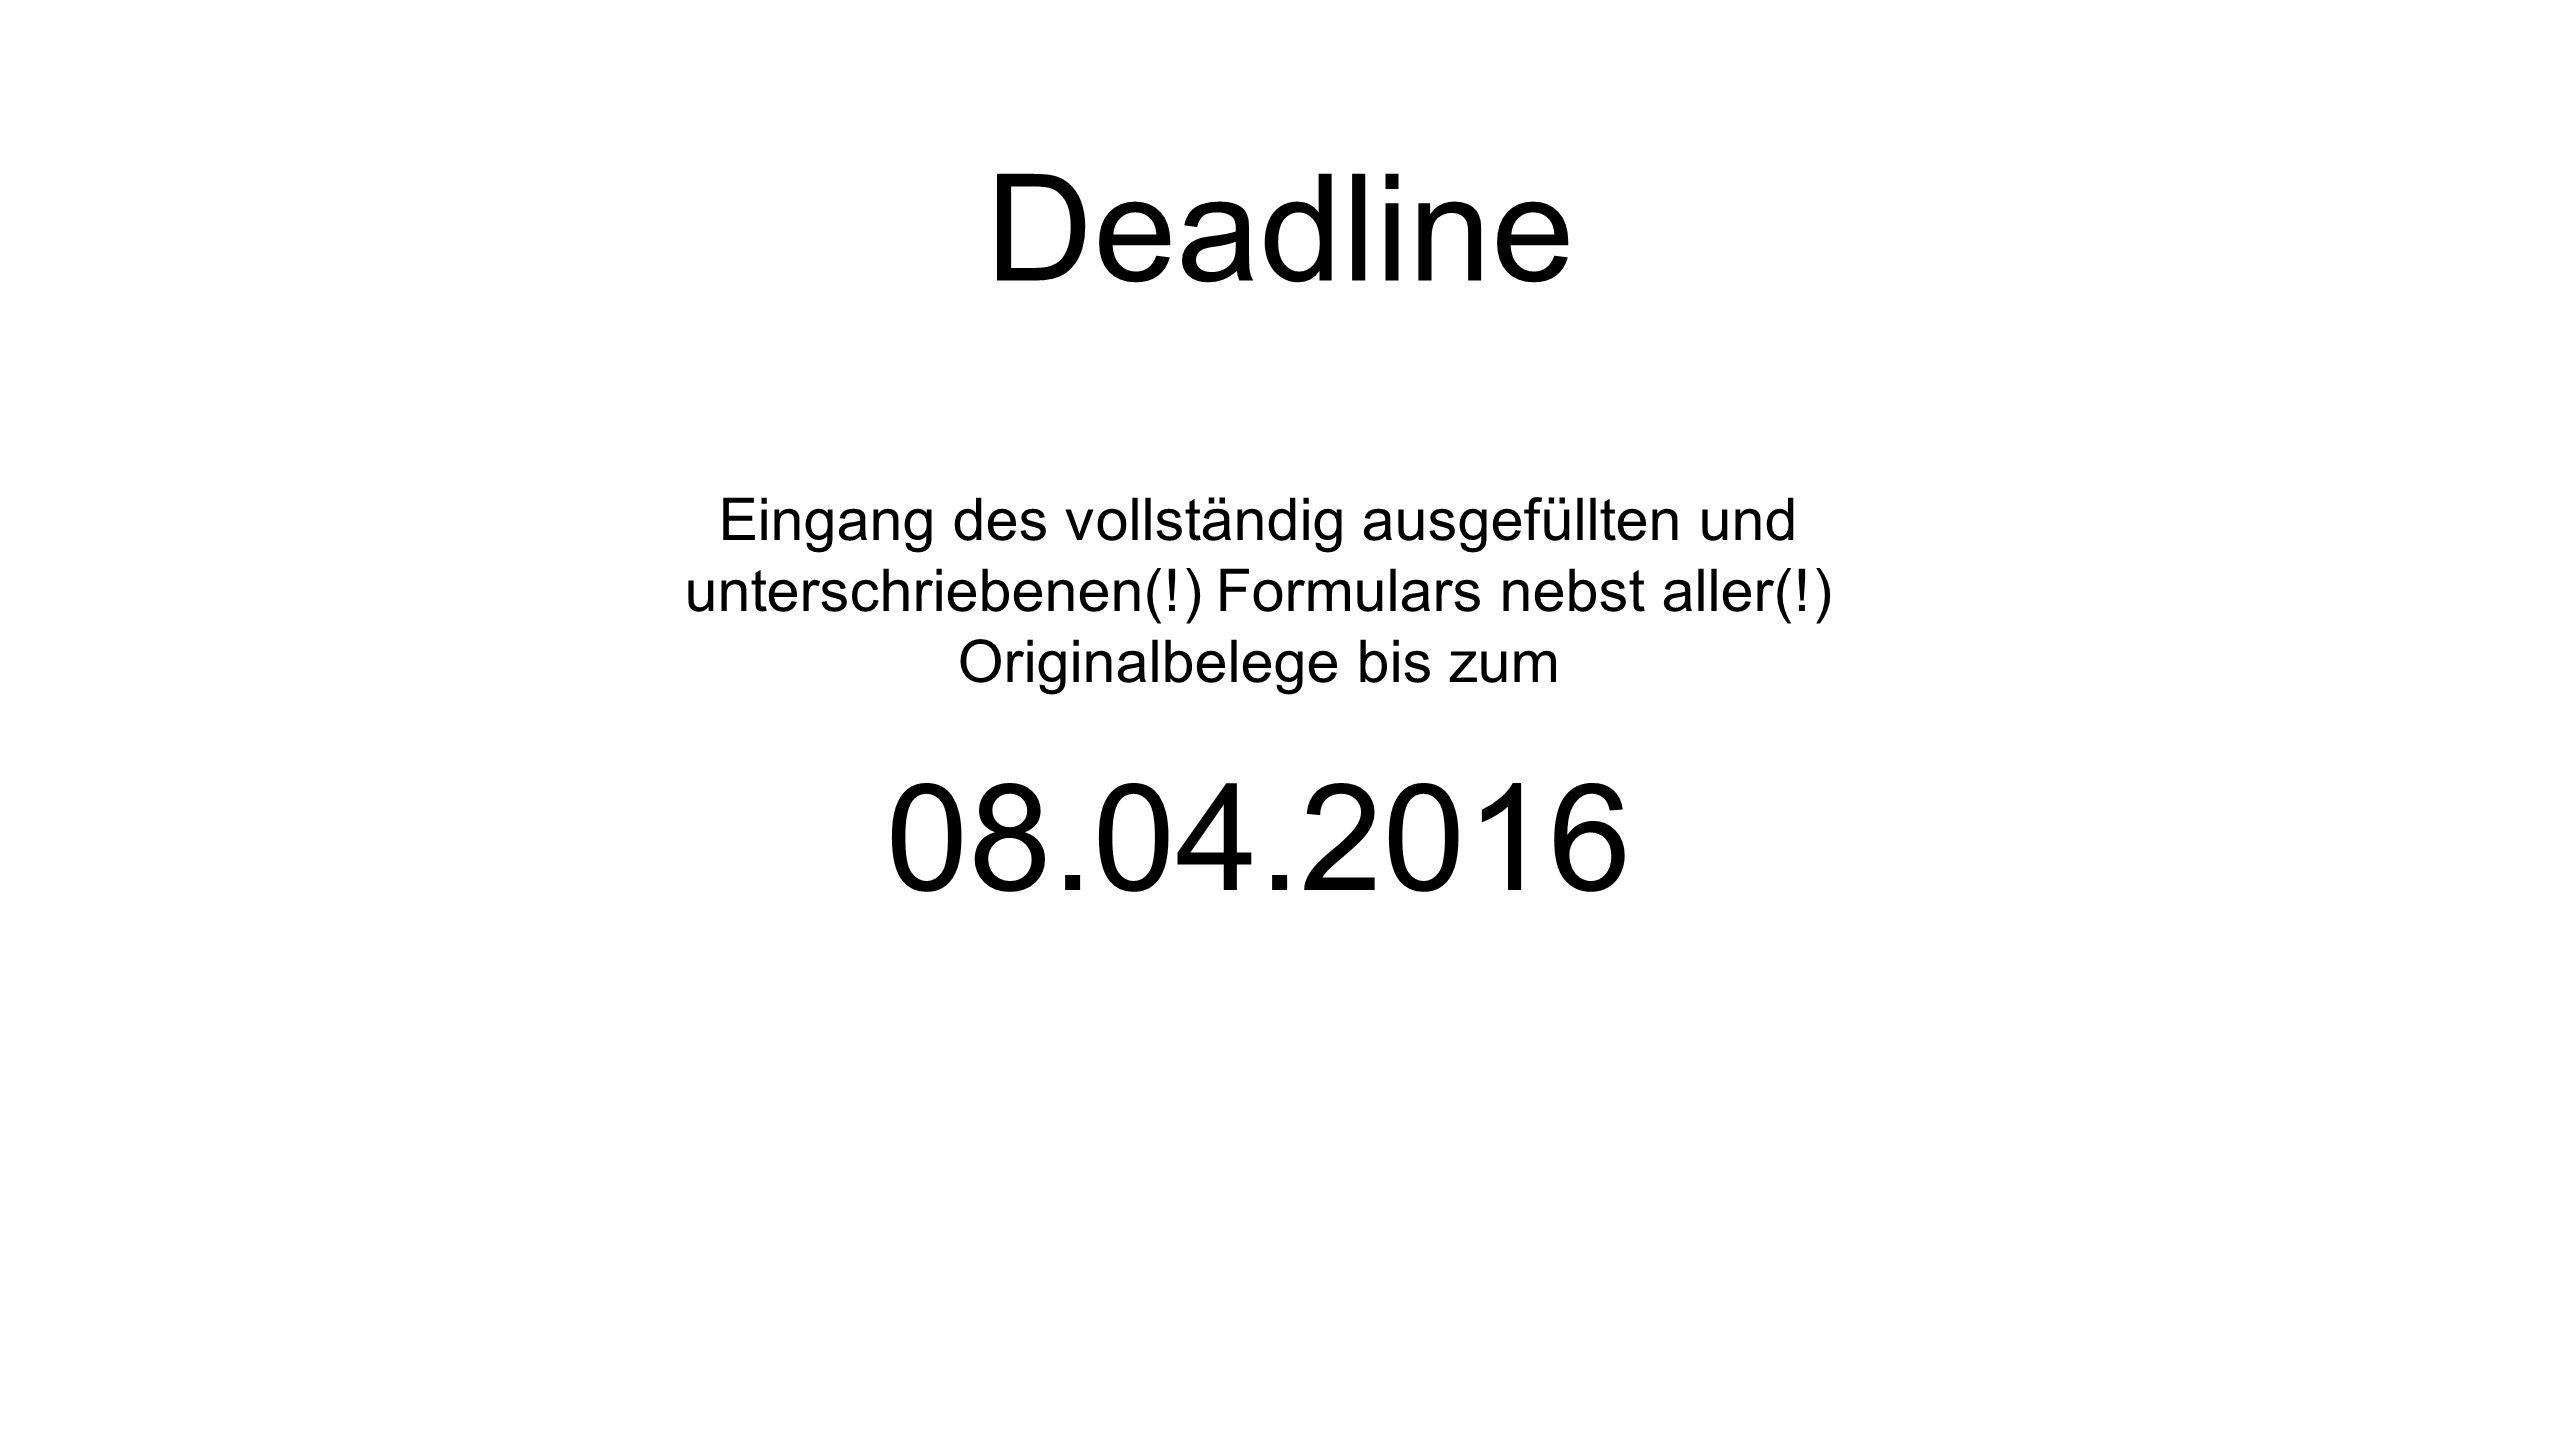 Deadline Eingang des vollständig ausgefüllten und unterschriebenen(!) Formulars nebst aller(!) Originalbelege bis zum 08.04.2016